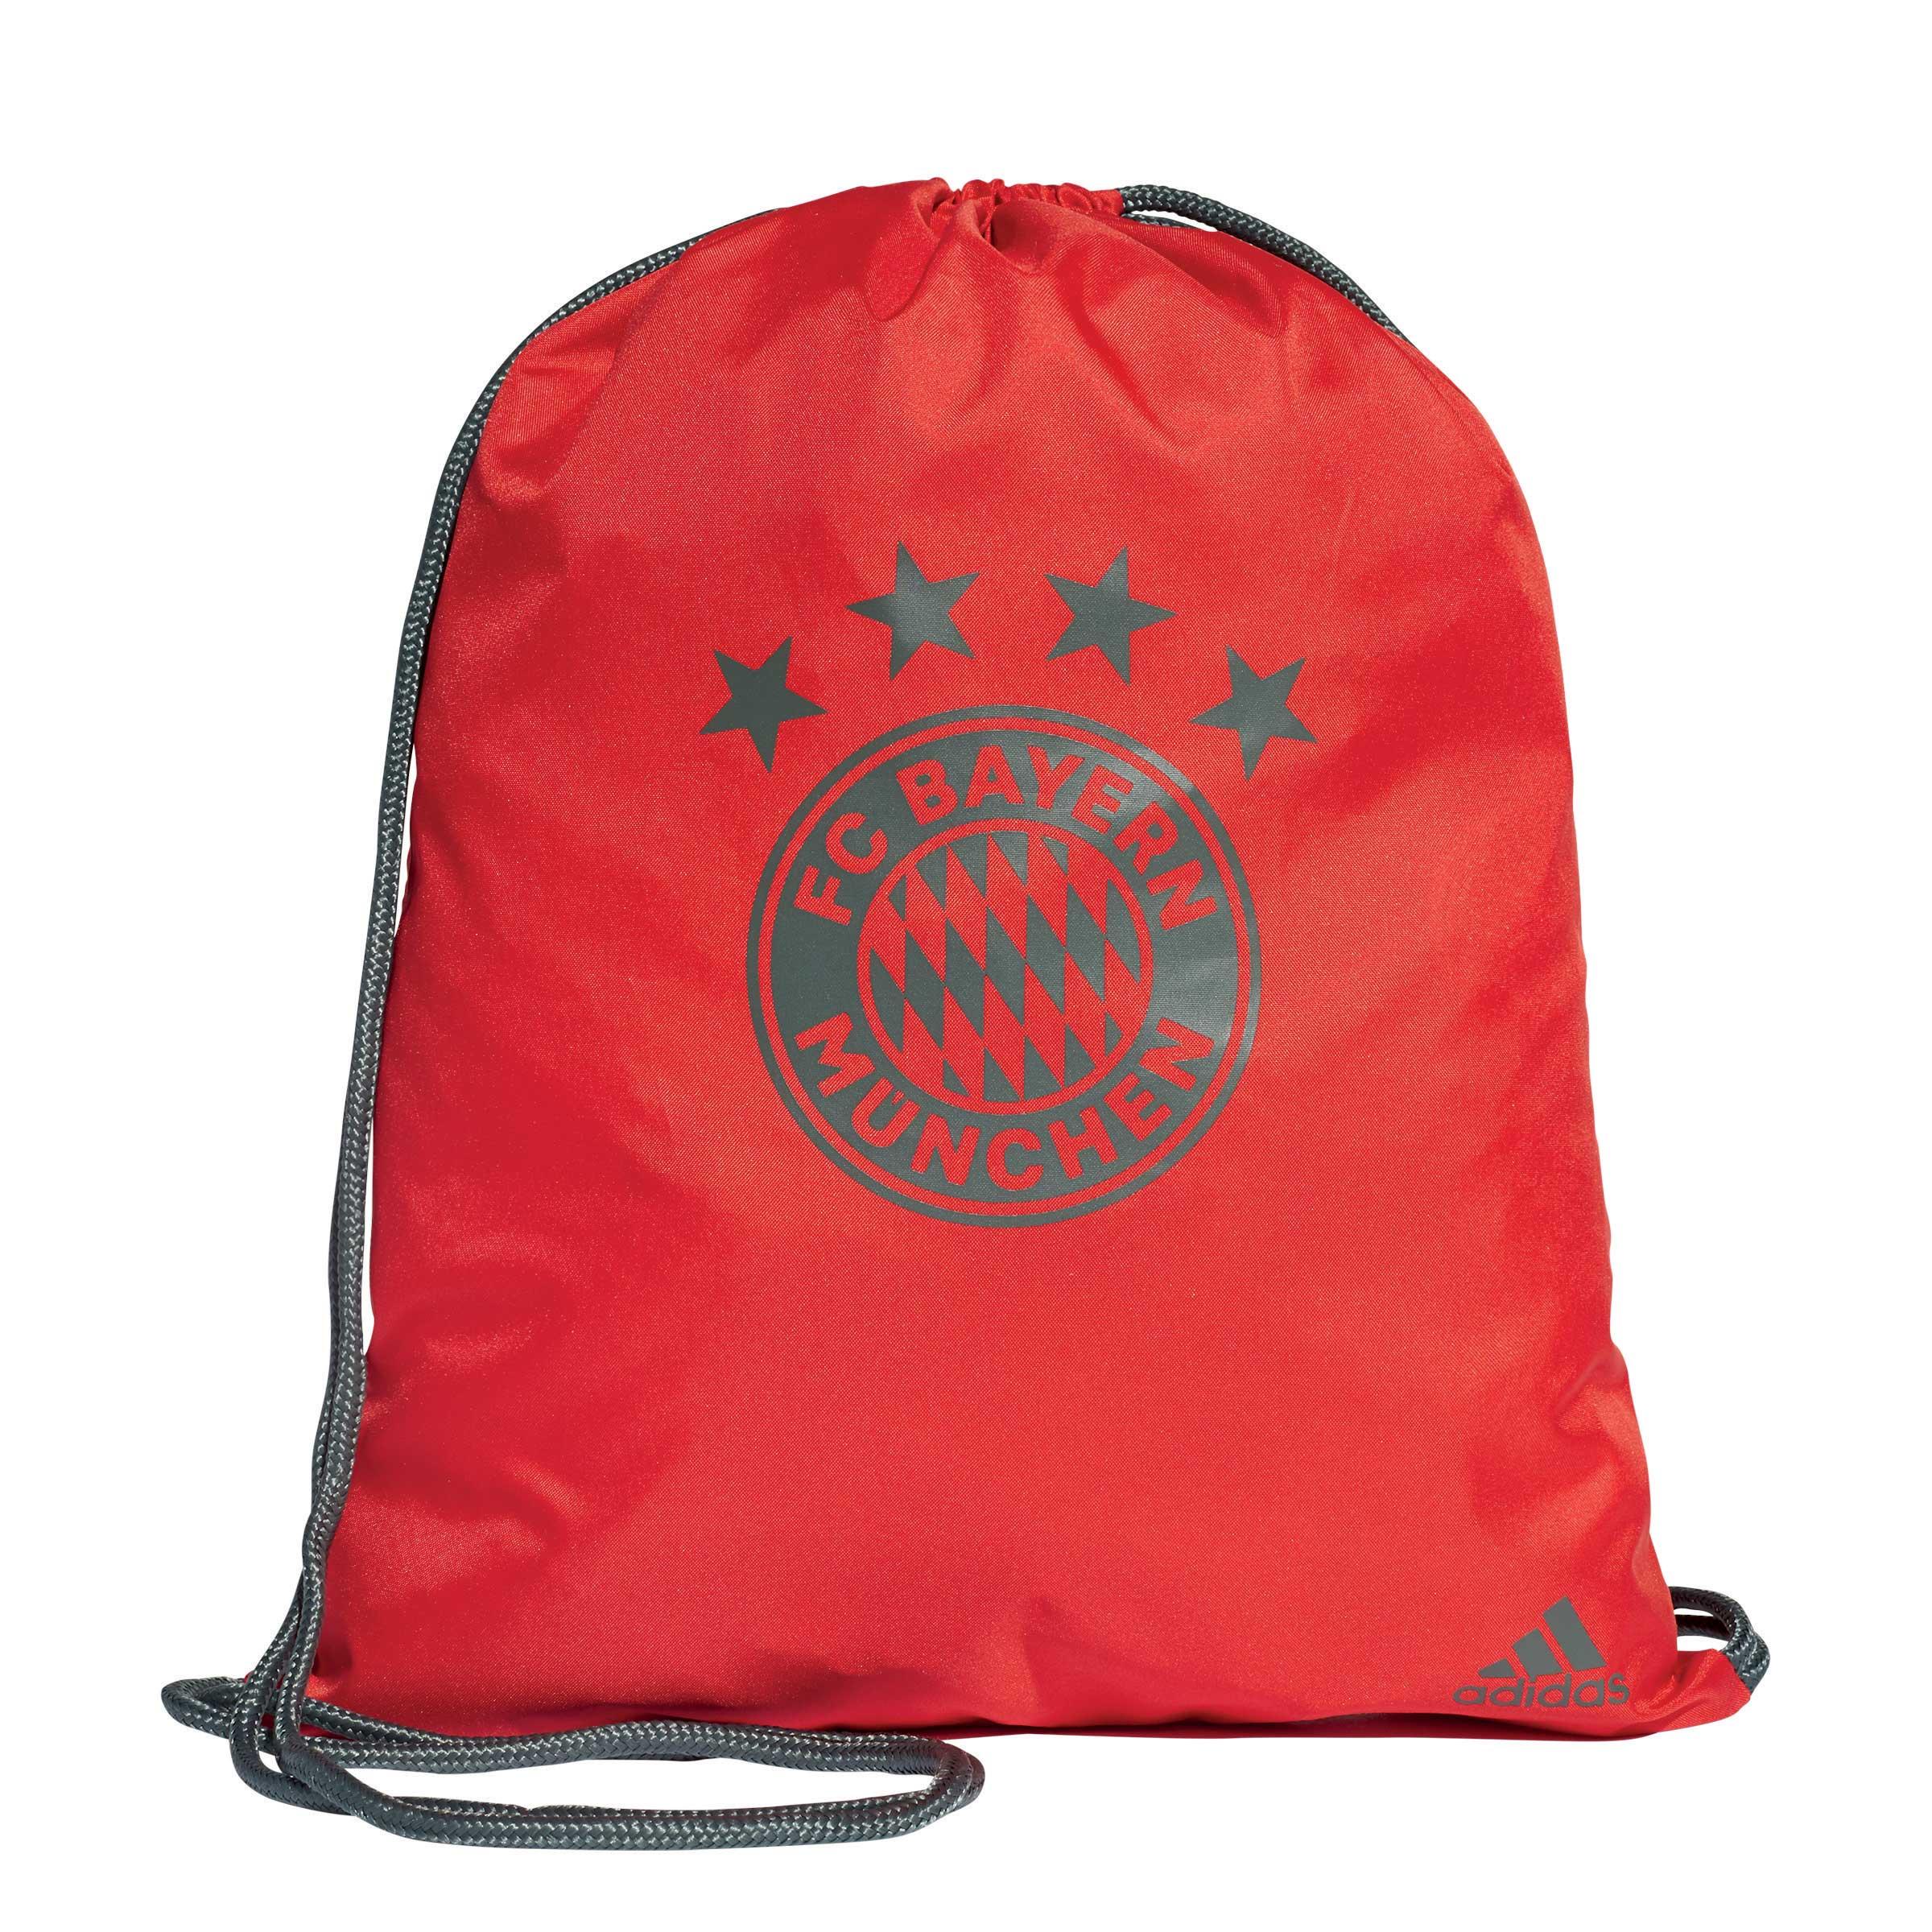 adc34cee9b167 Adidas. adidas FC Bayern München Turnbeutel Gymsack ...